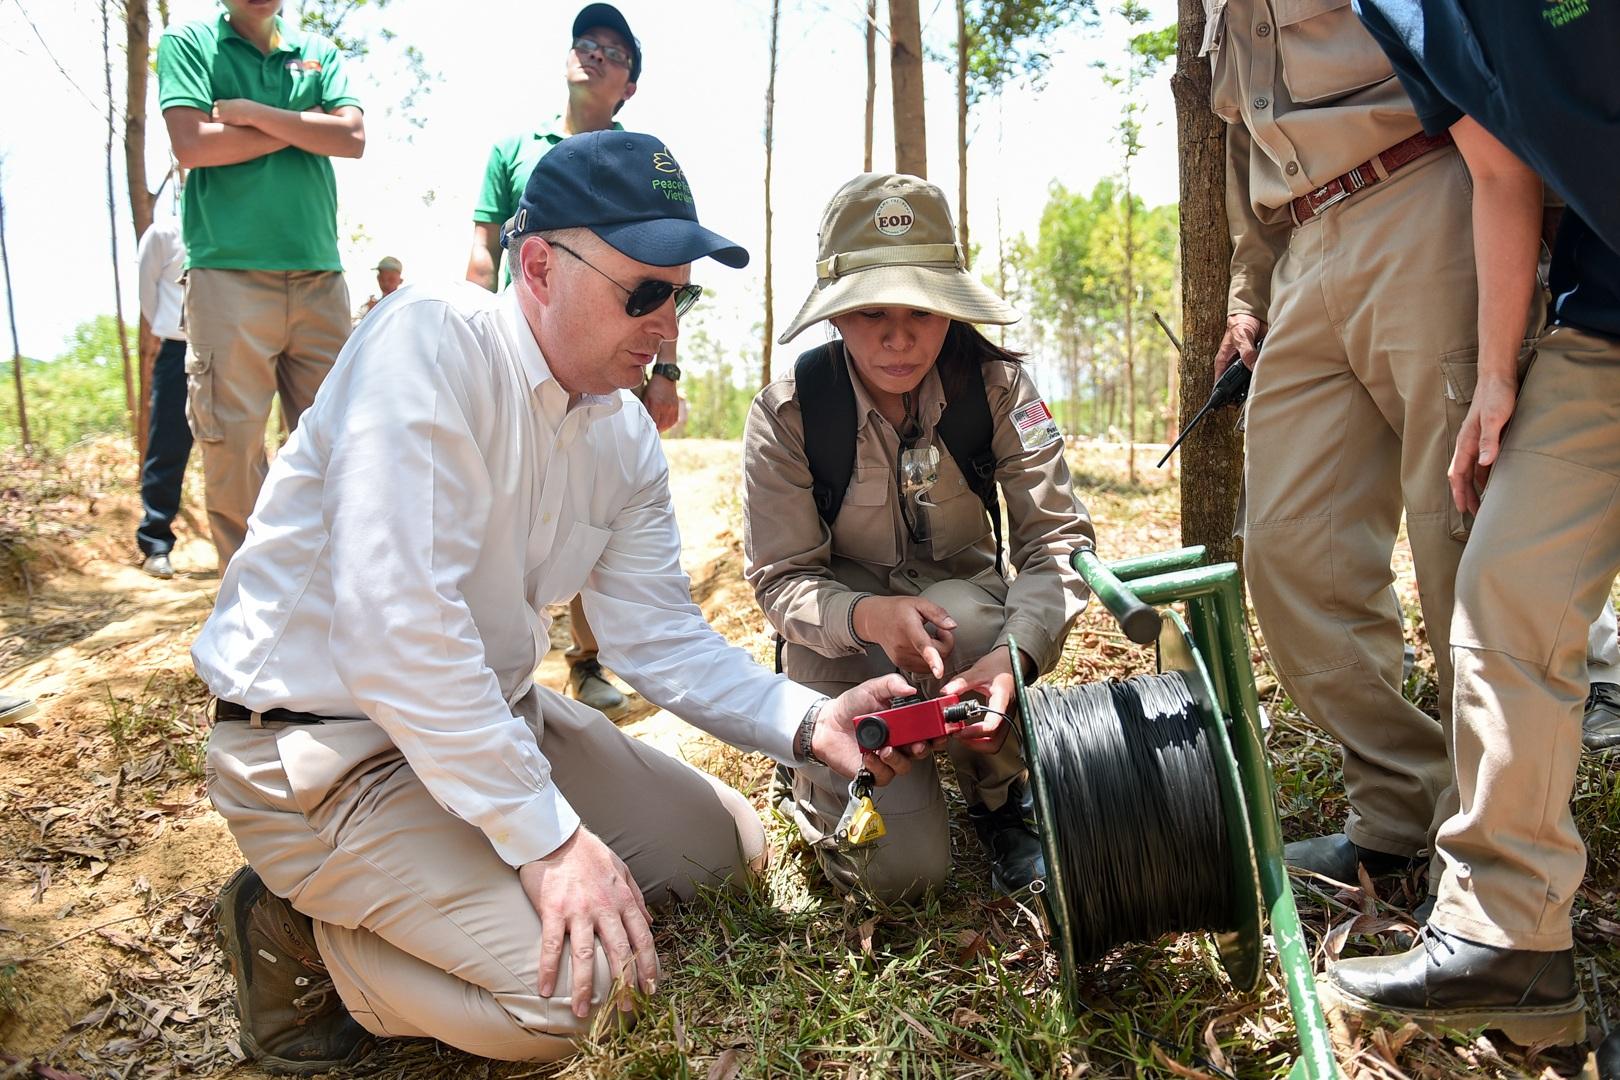 Đại sứ Mỹ tự tay phá hủy bom mìn còn sót lại sau chiến tranh tại Quảng Trị - 16